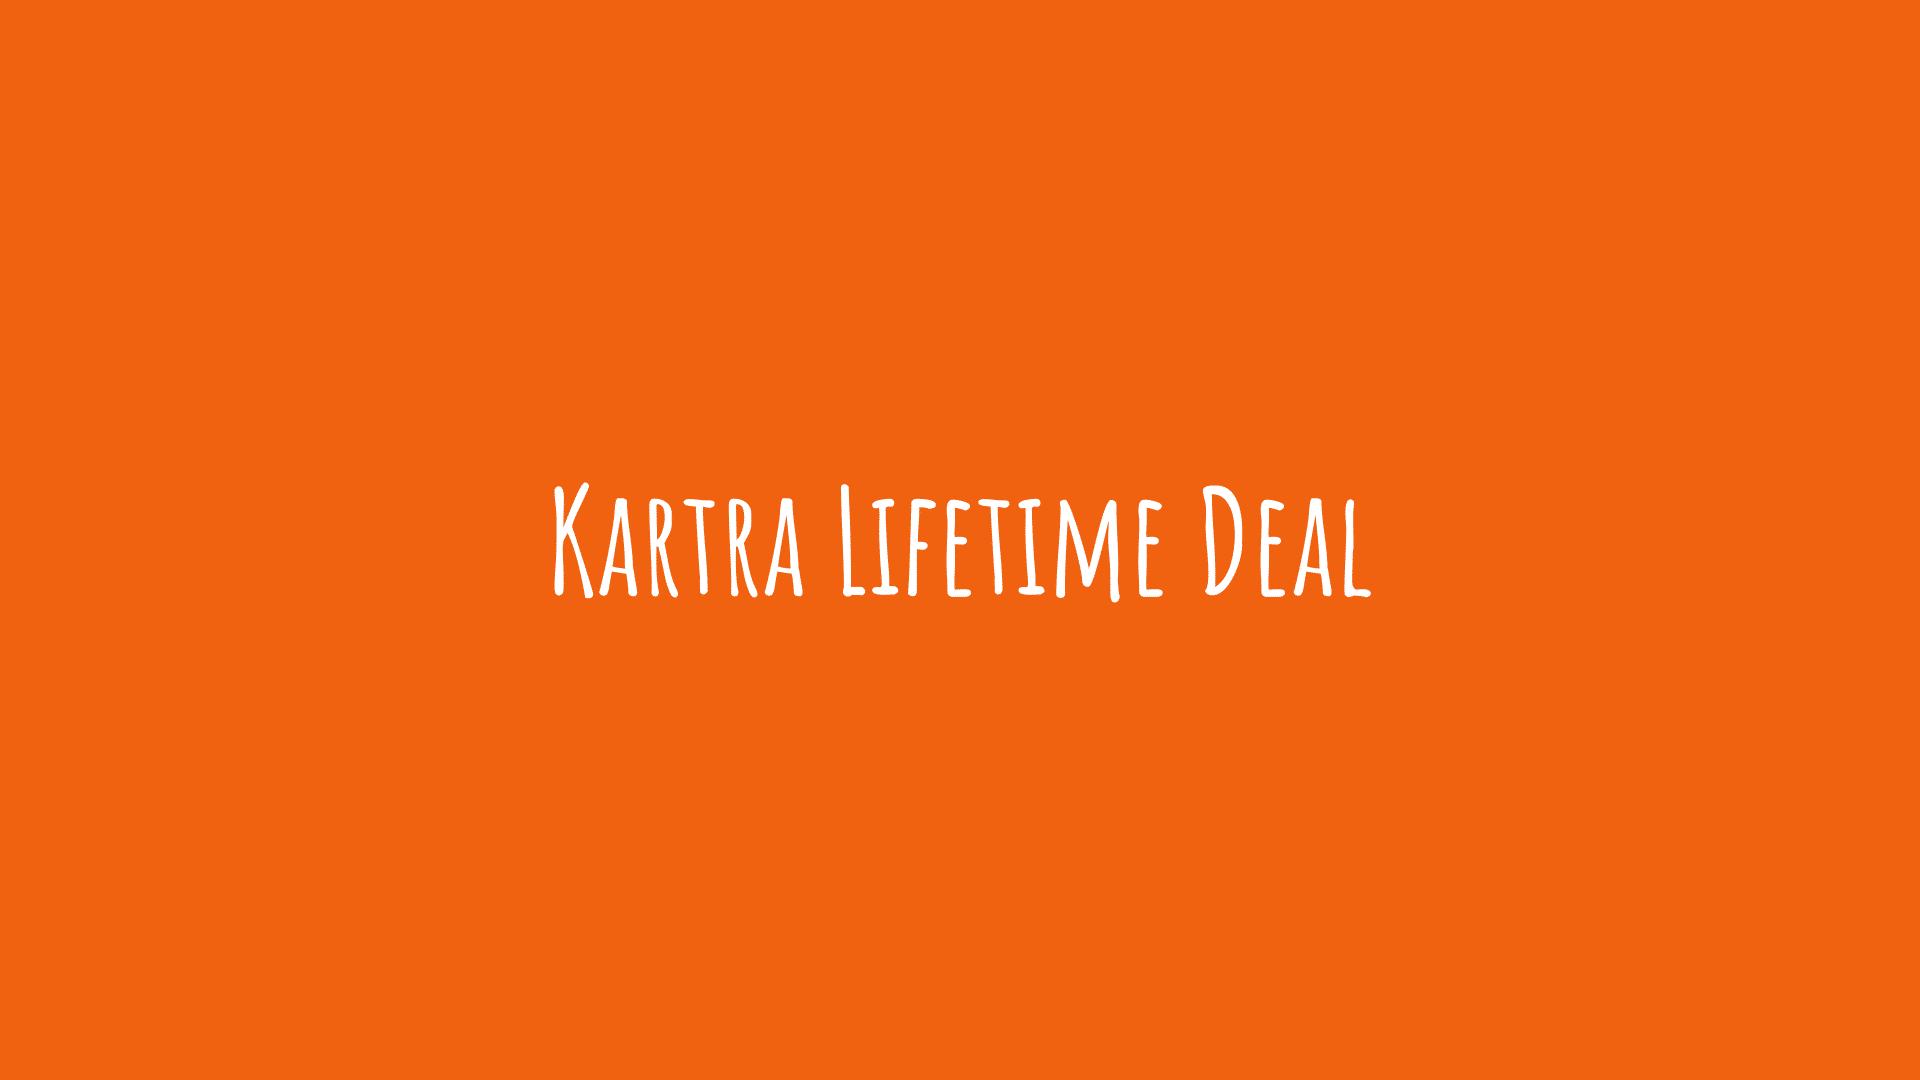 Kartra Lifetime Deal